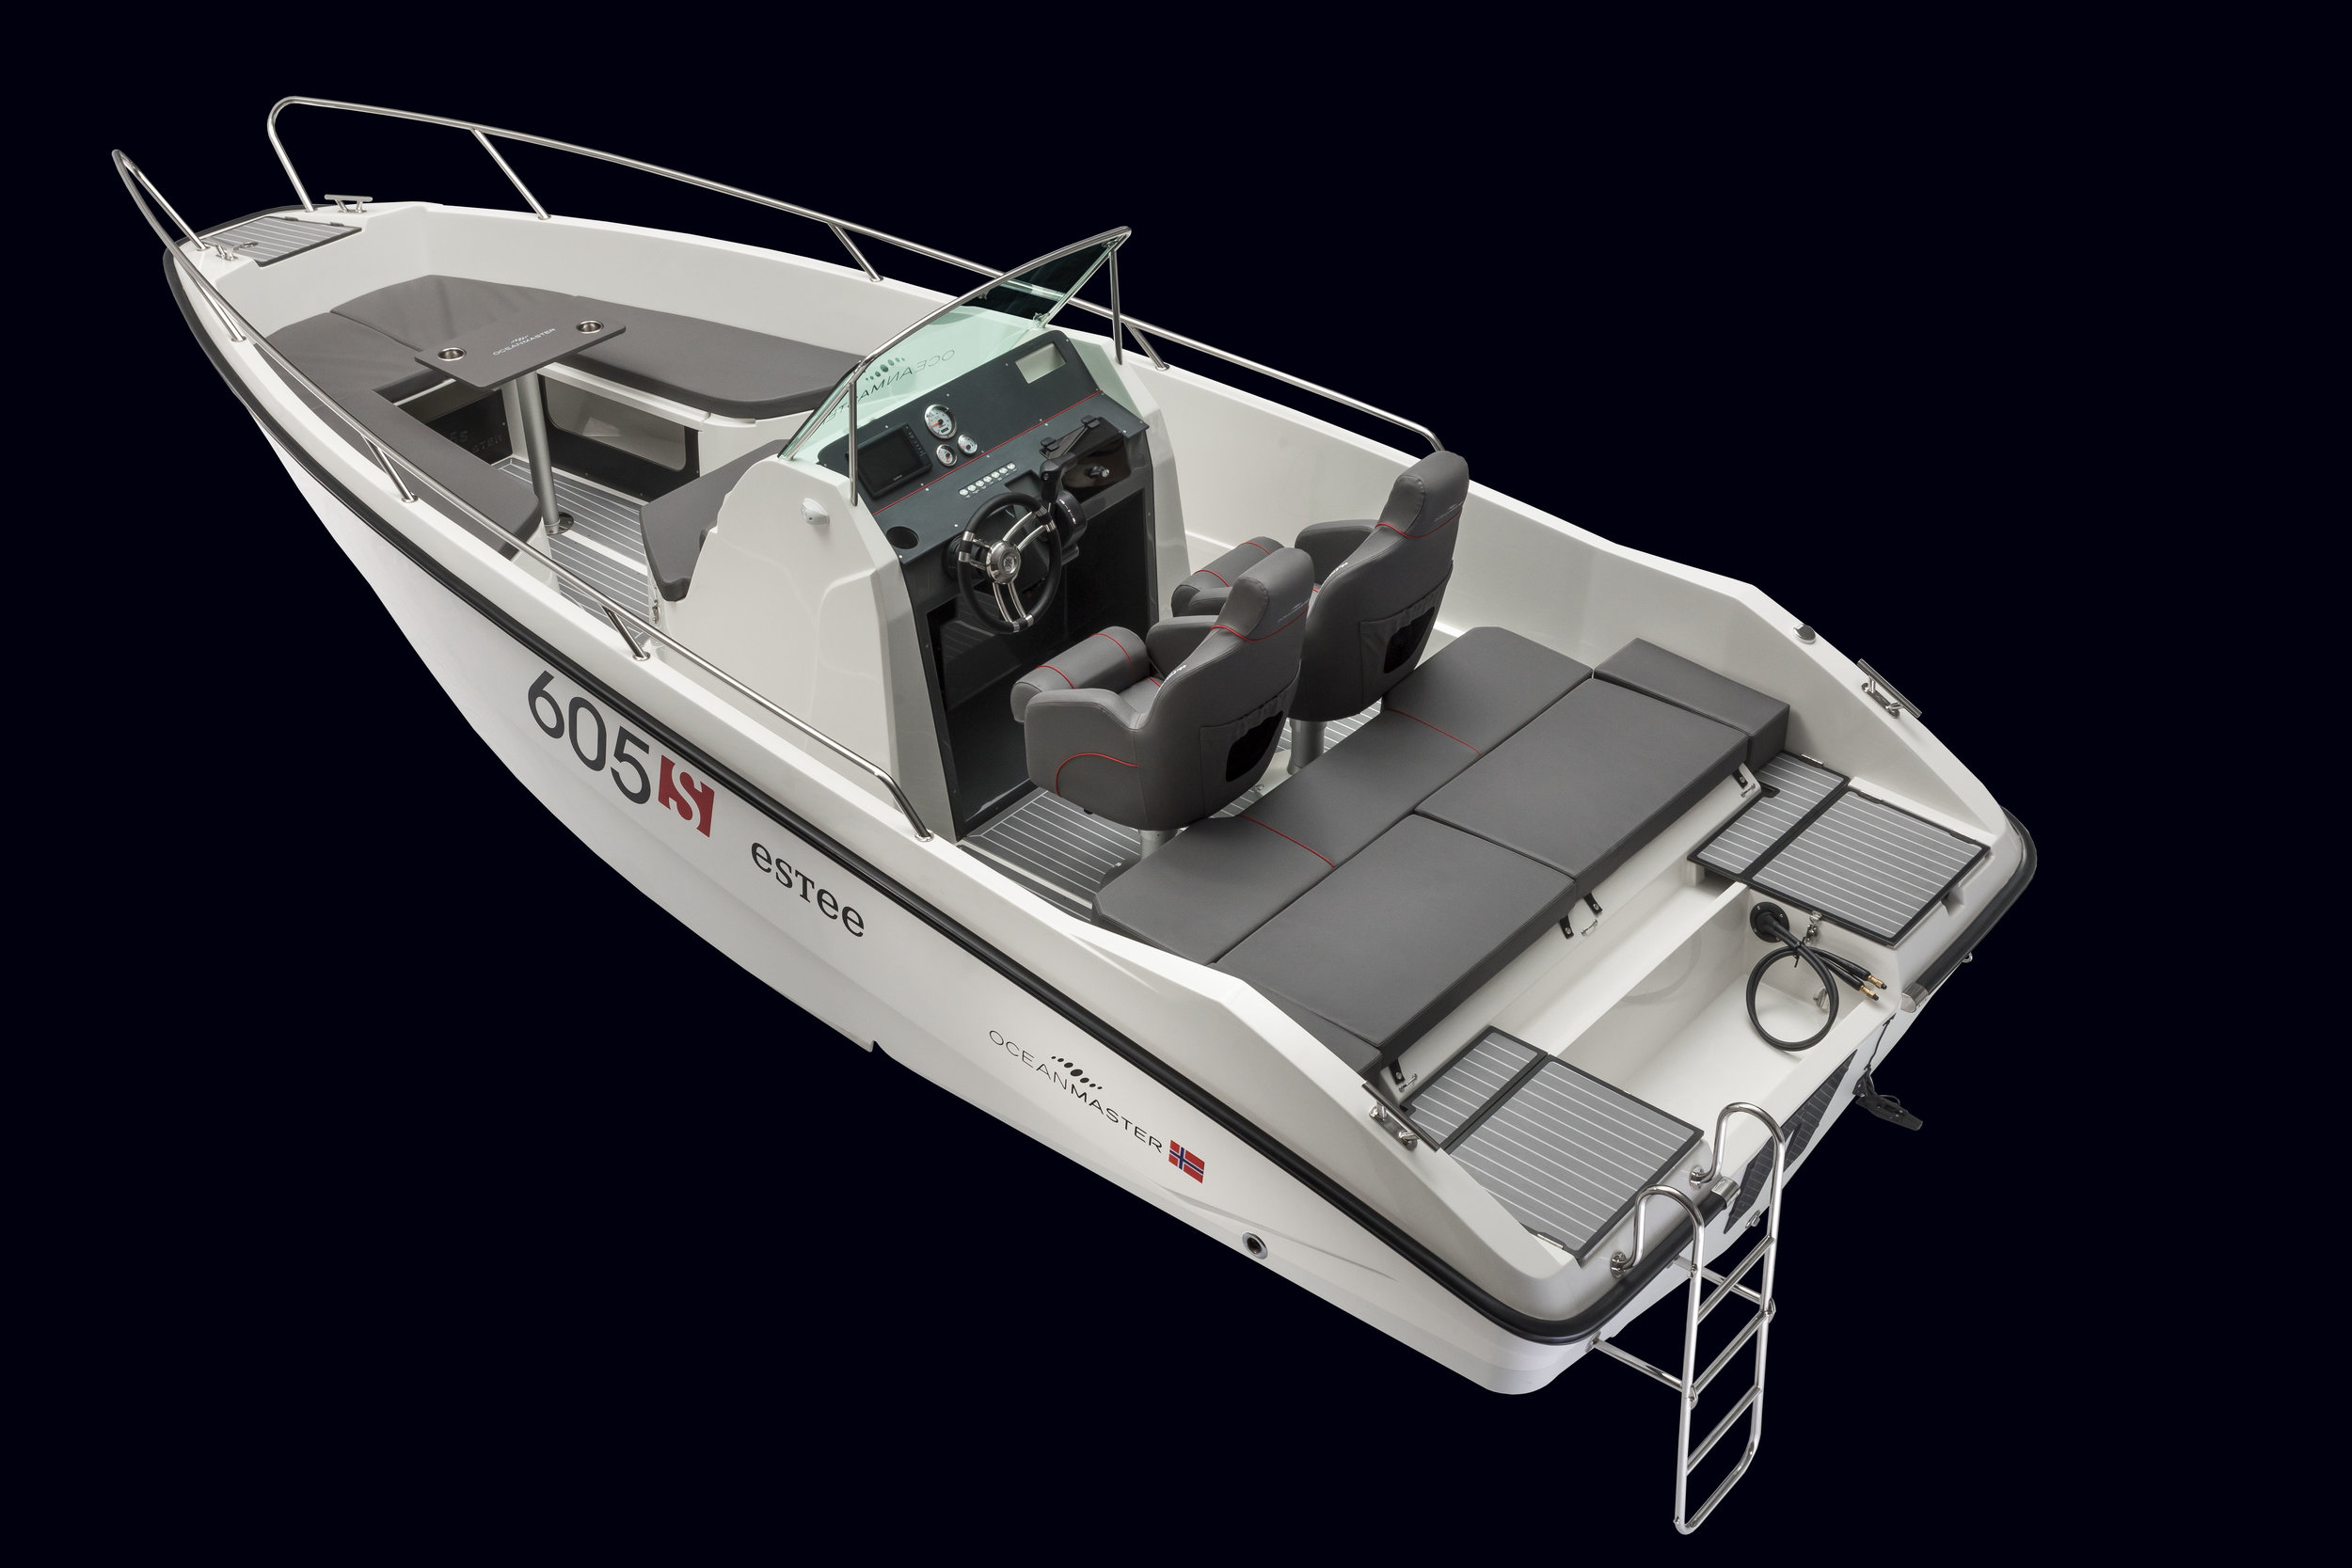 OceanMaster 605s | 20 FOT